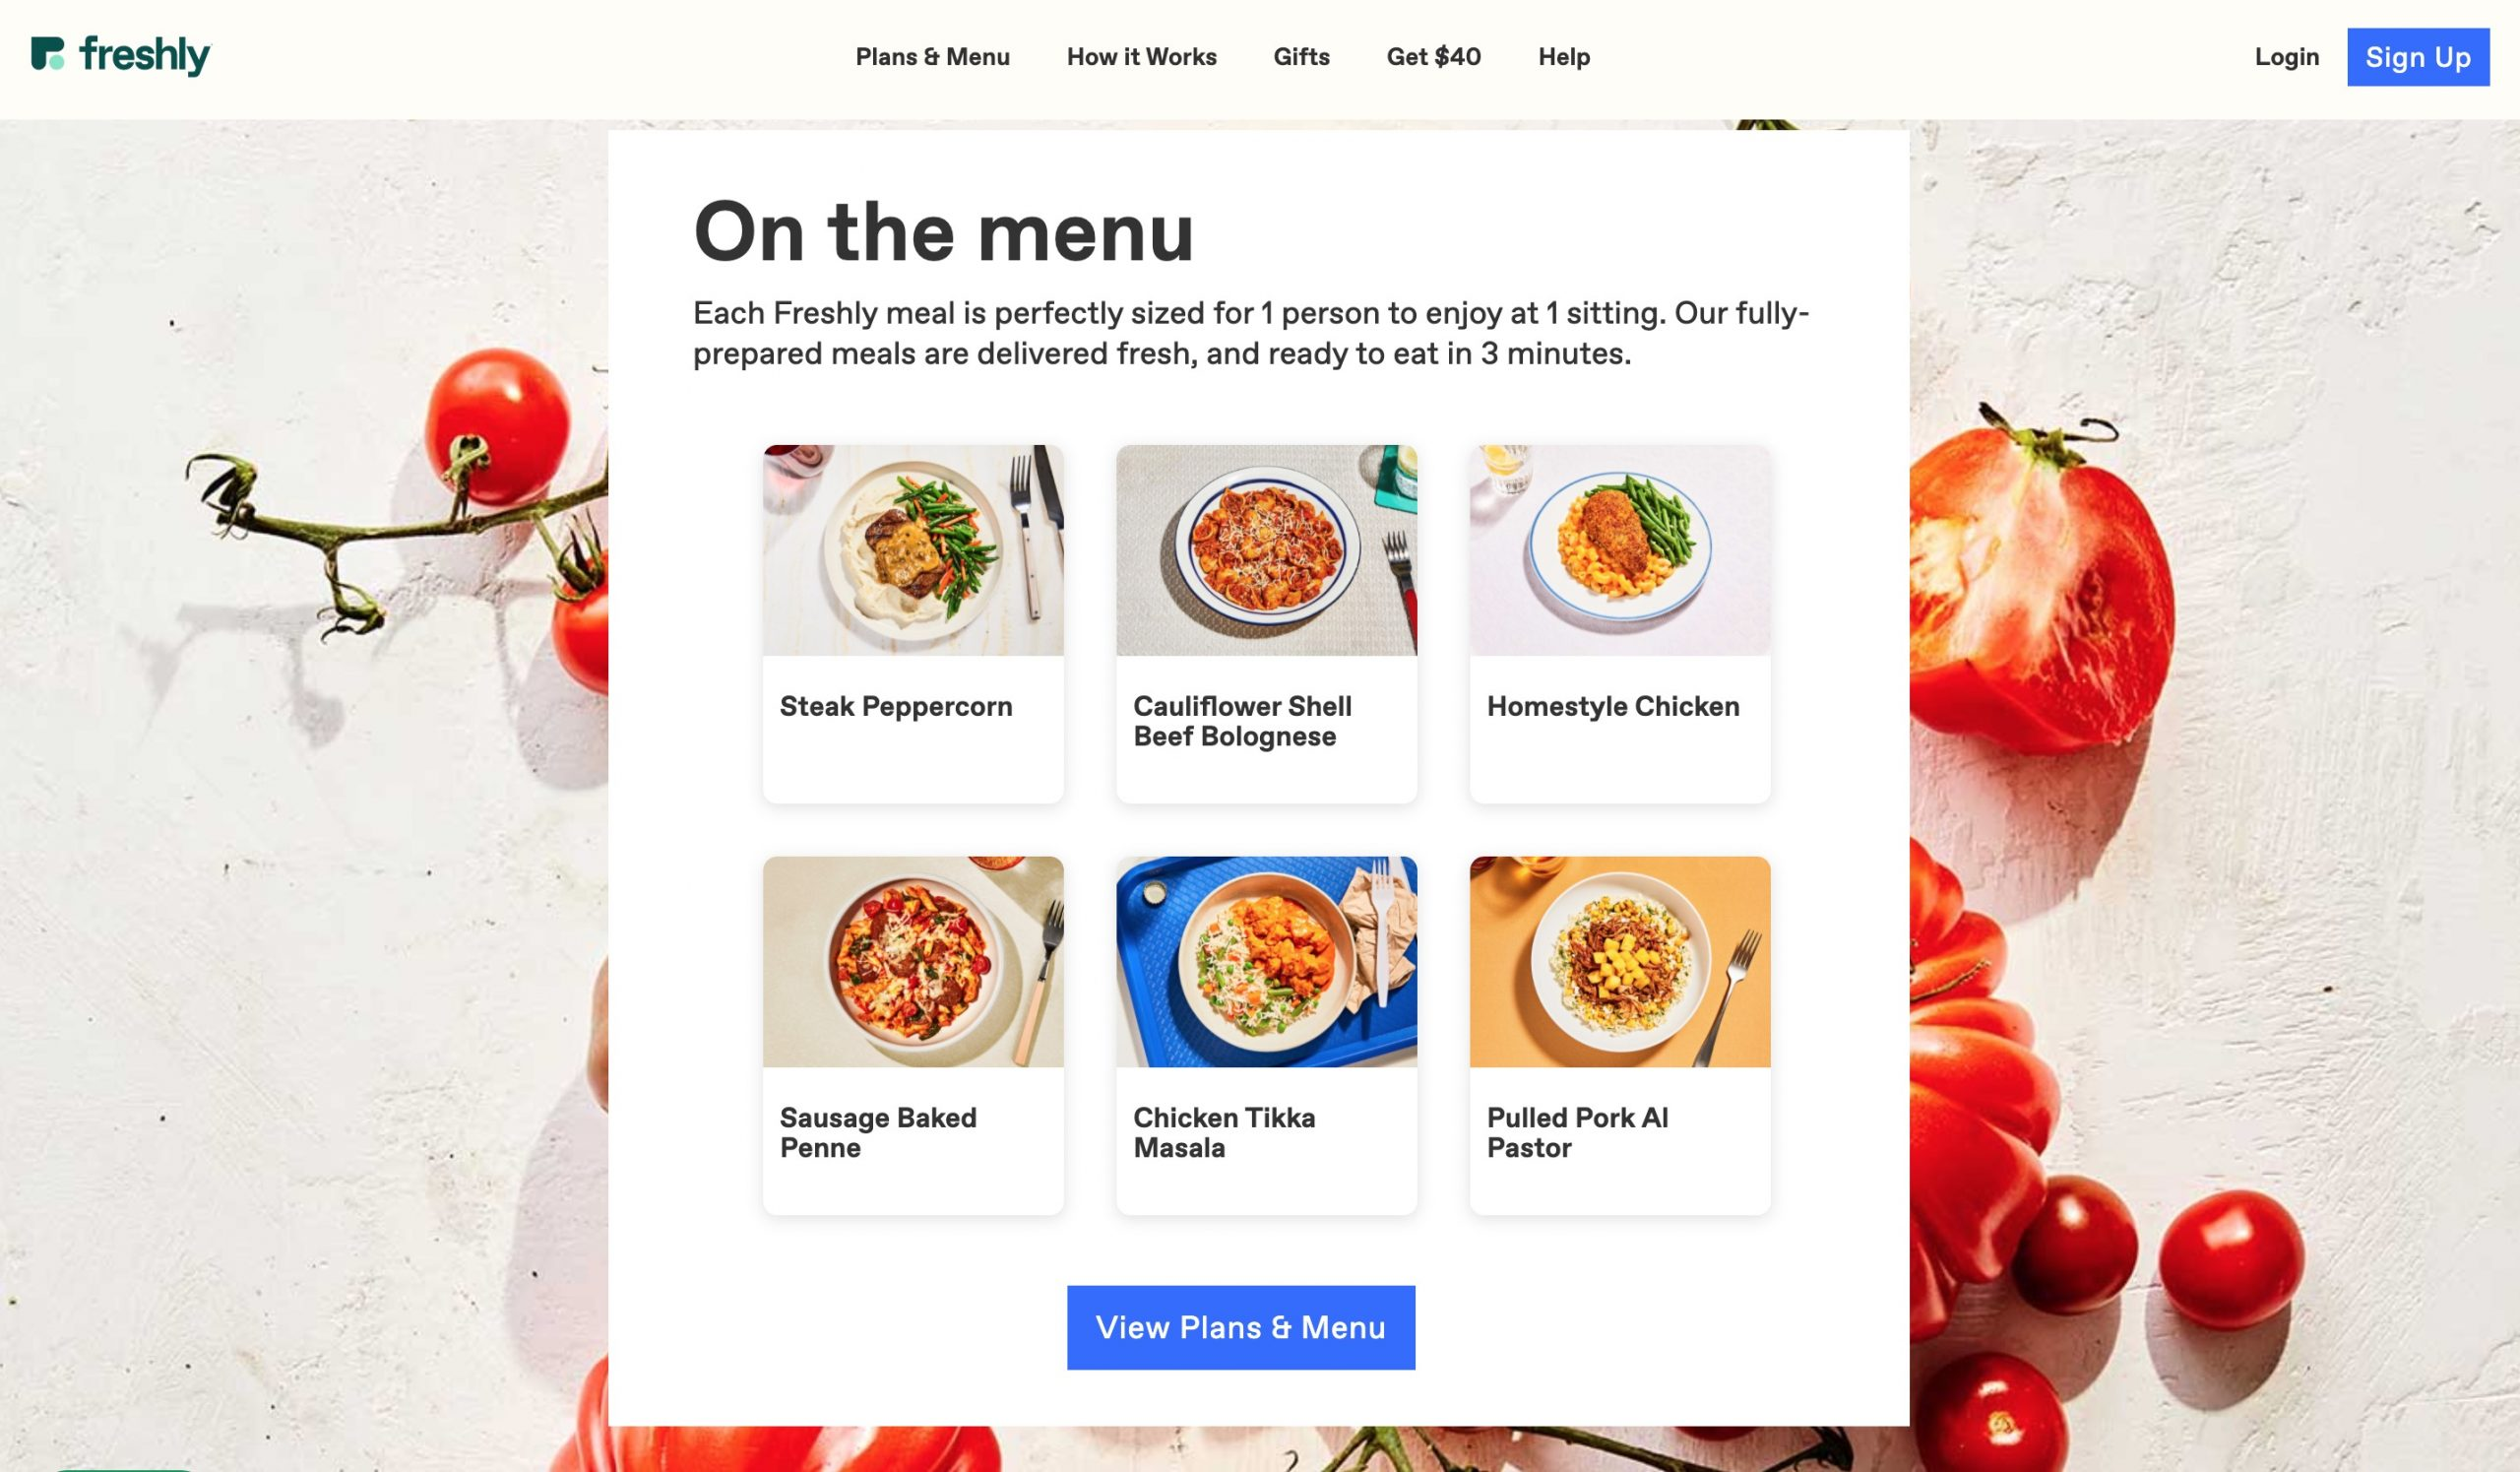 Freshly menu